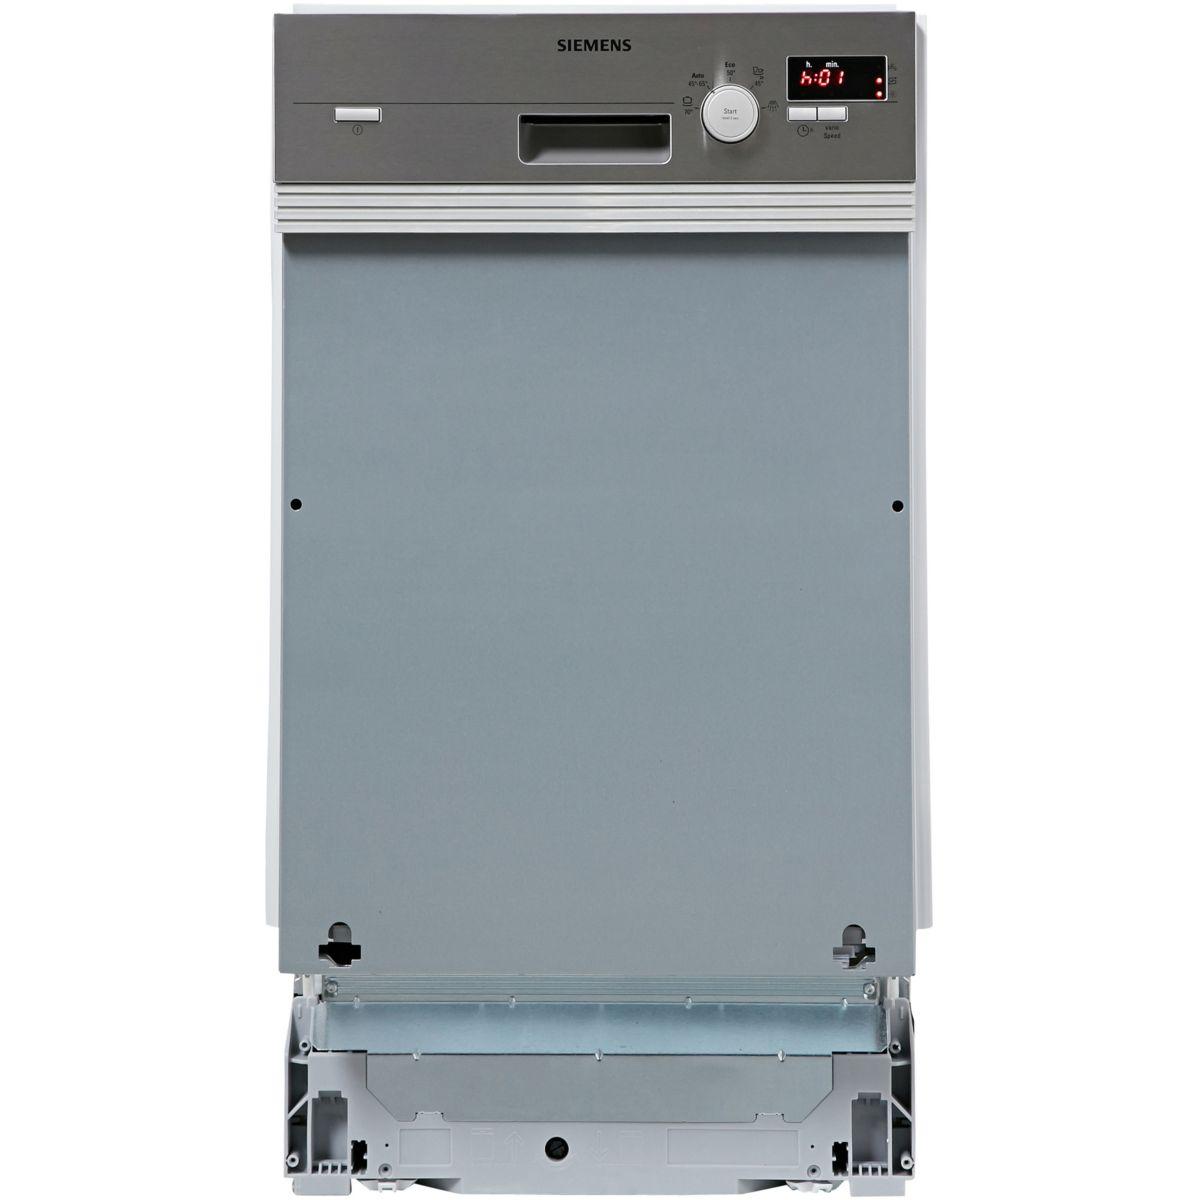 Lave-vaisselle intégrable siemens sr55e504eu - 20% de remise immédiate avec le code : fete20